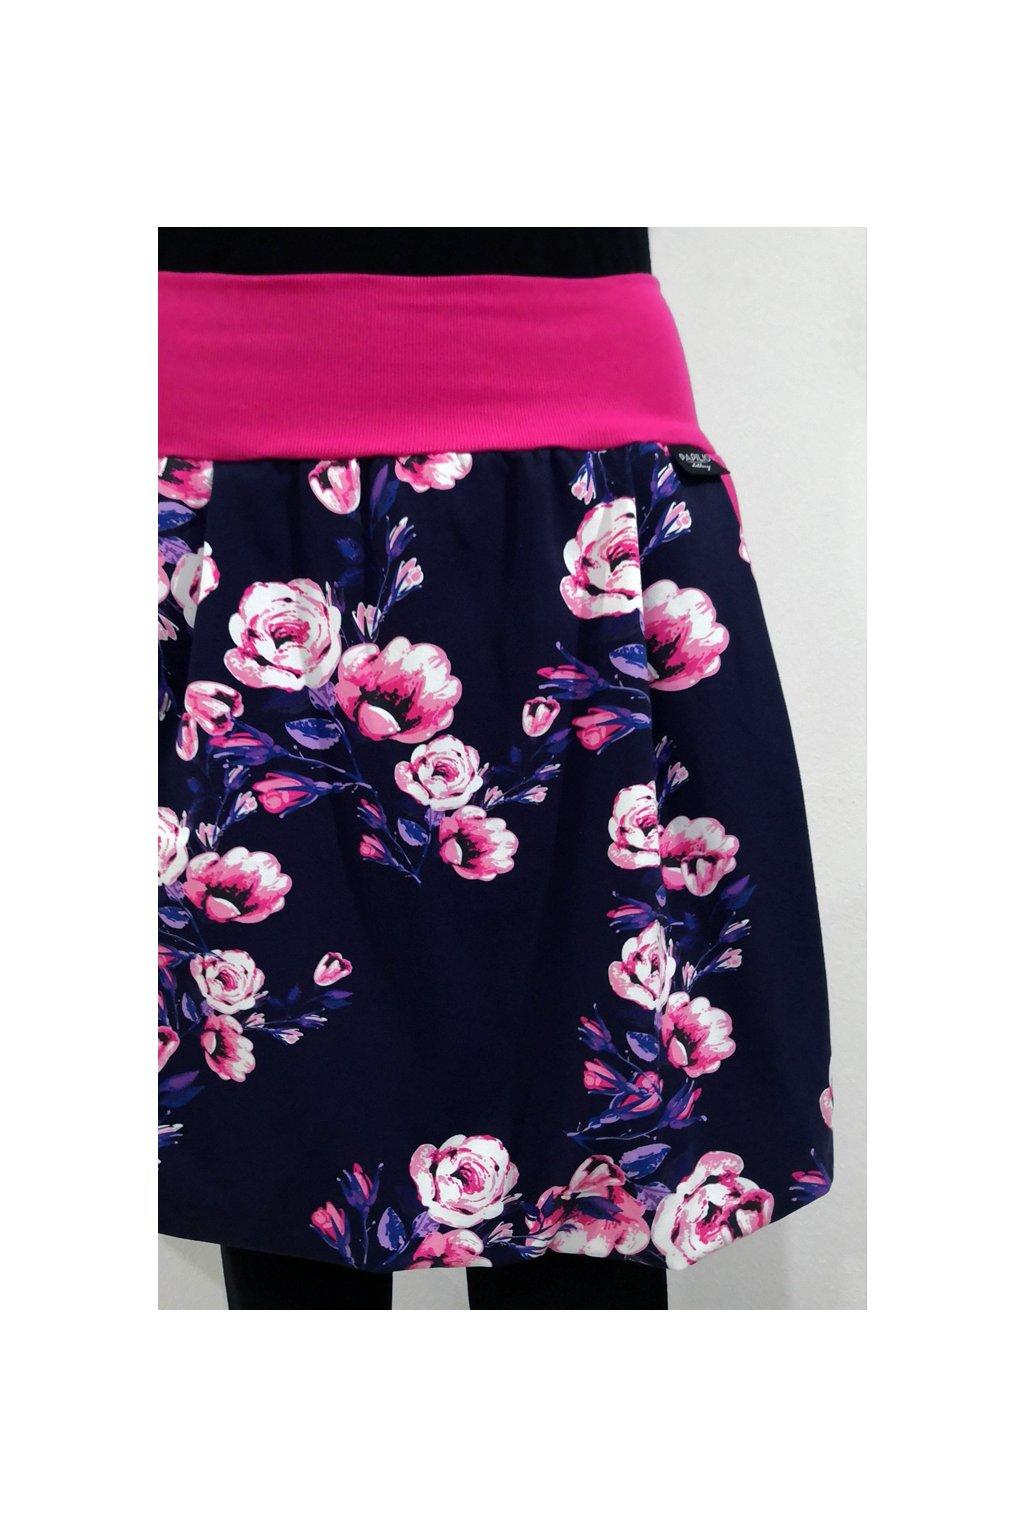 Balonová sukně Růže | úplet